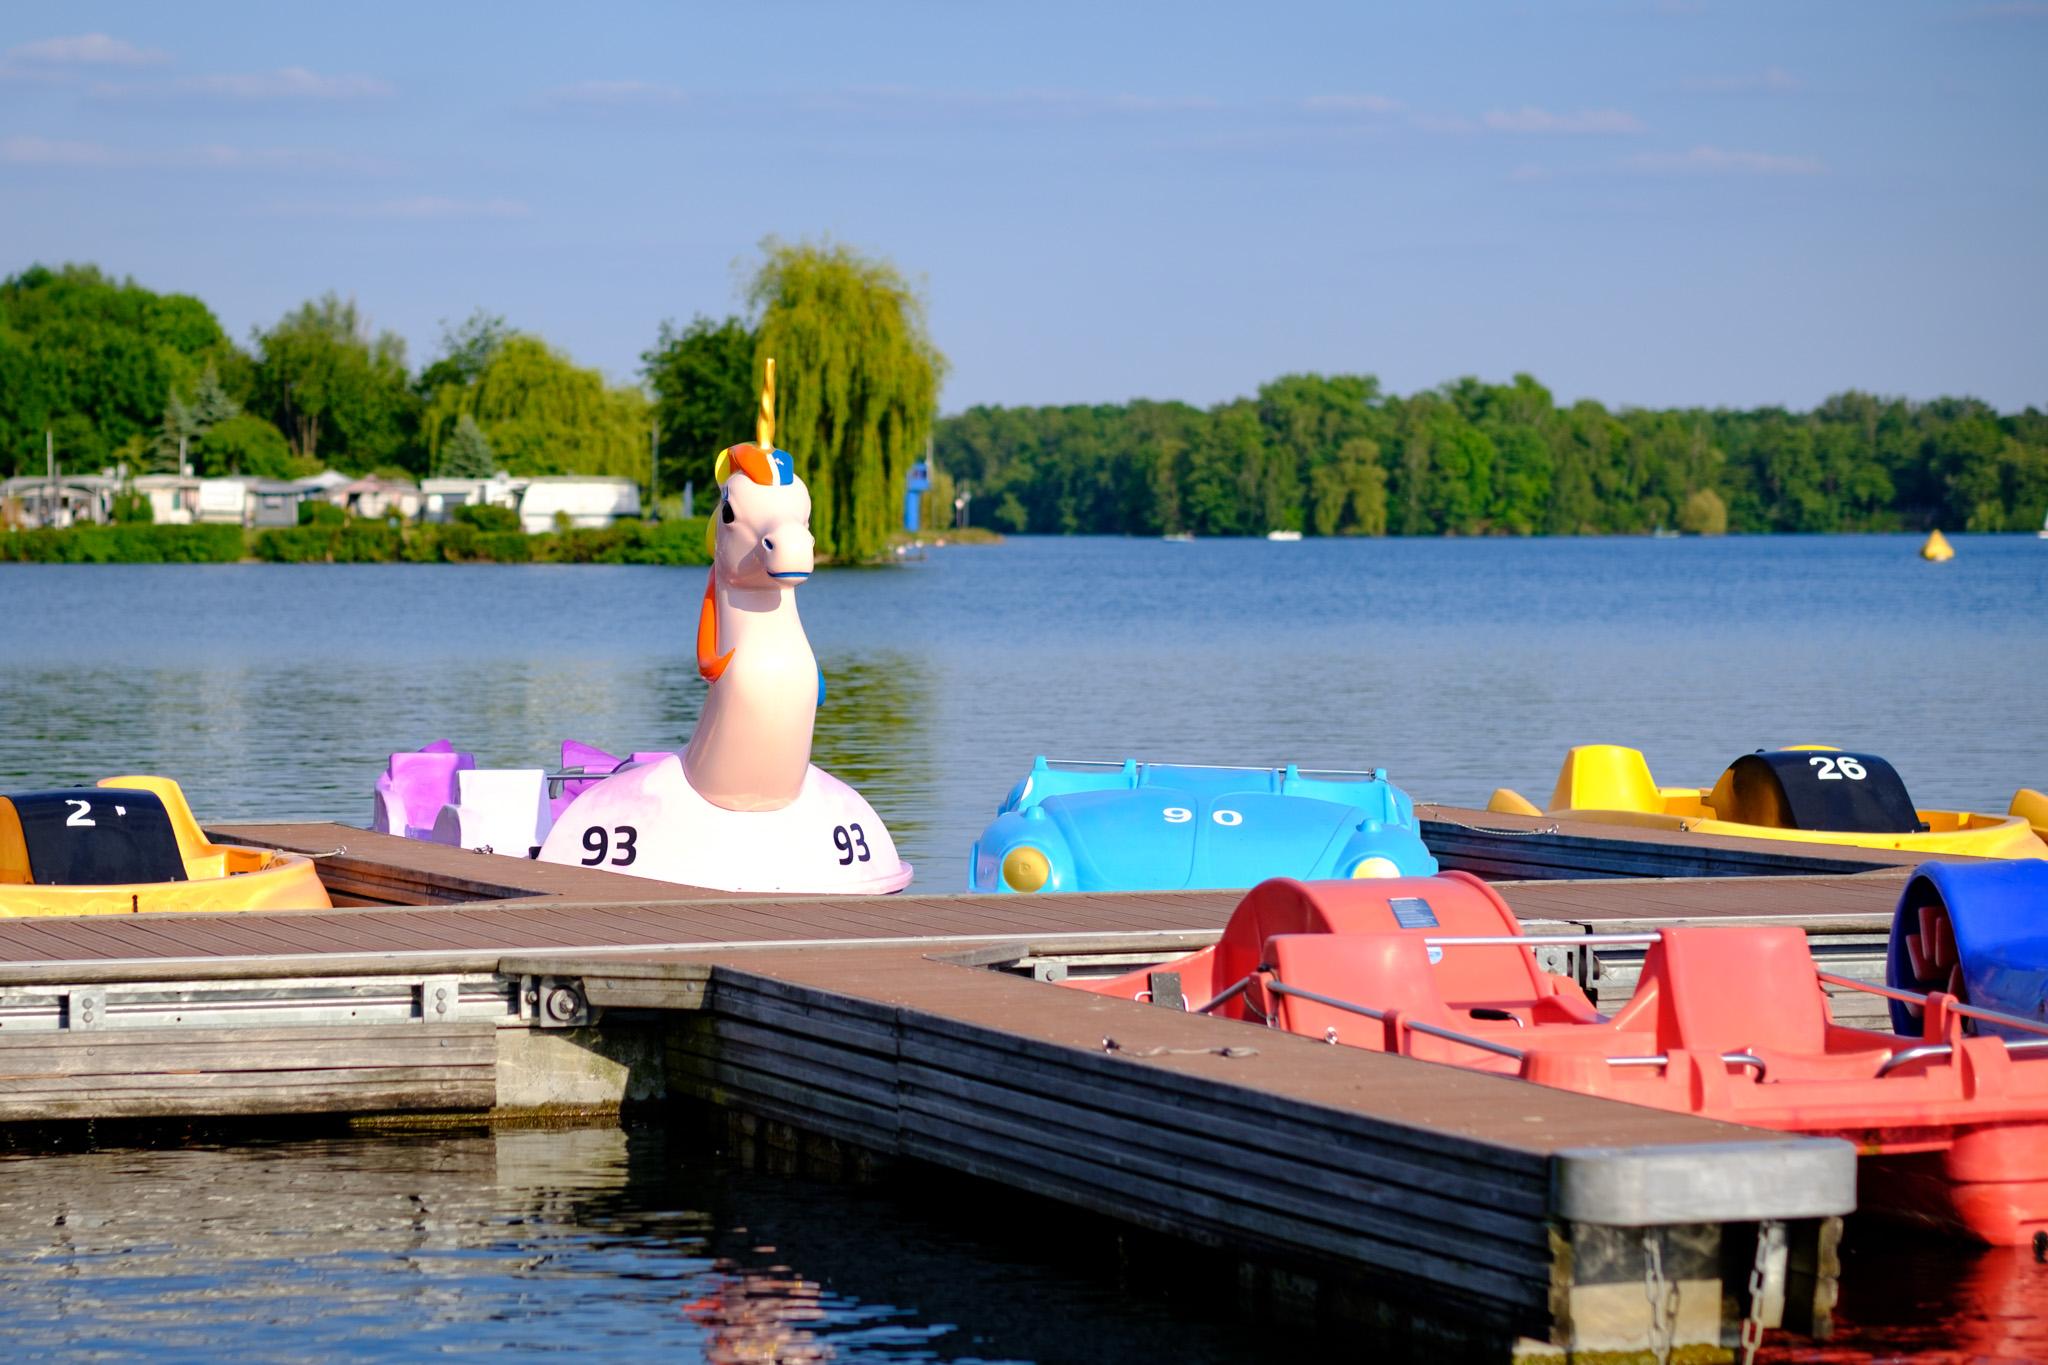 Tretboote & Ruderboote - Unterbacher See Düsseldorf